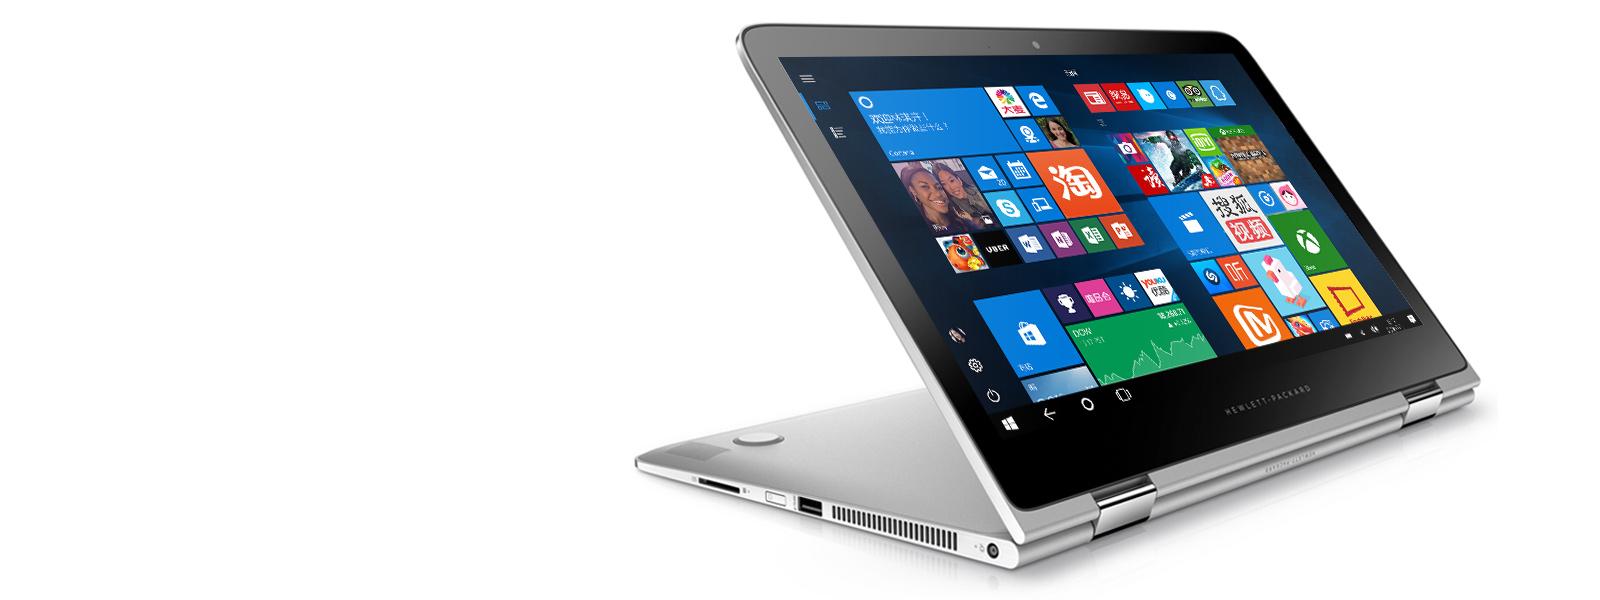 """呈现 Windows 10""""开始""""屏幕的 HP Spectre x360 13"""